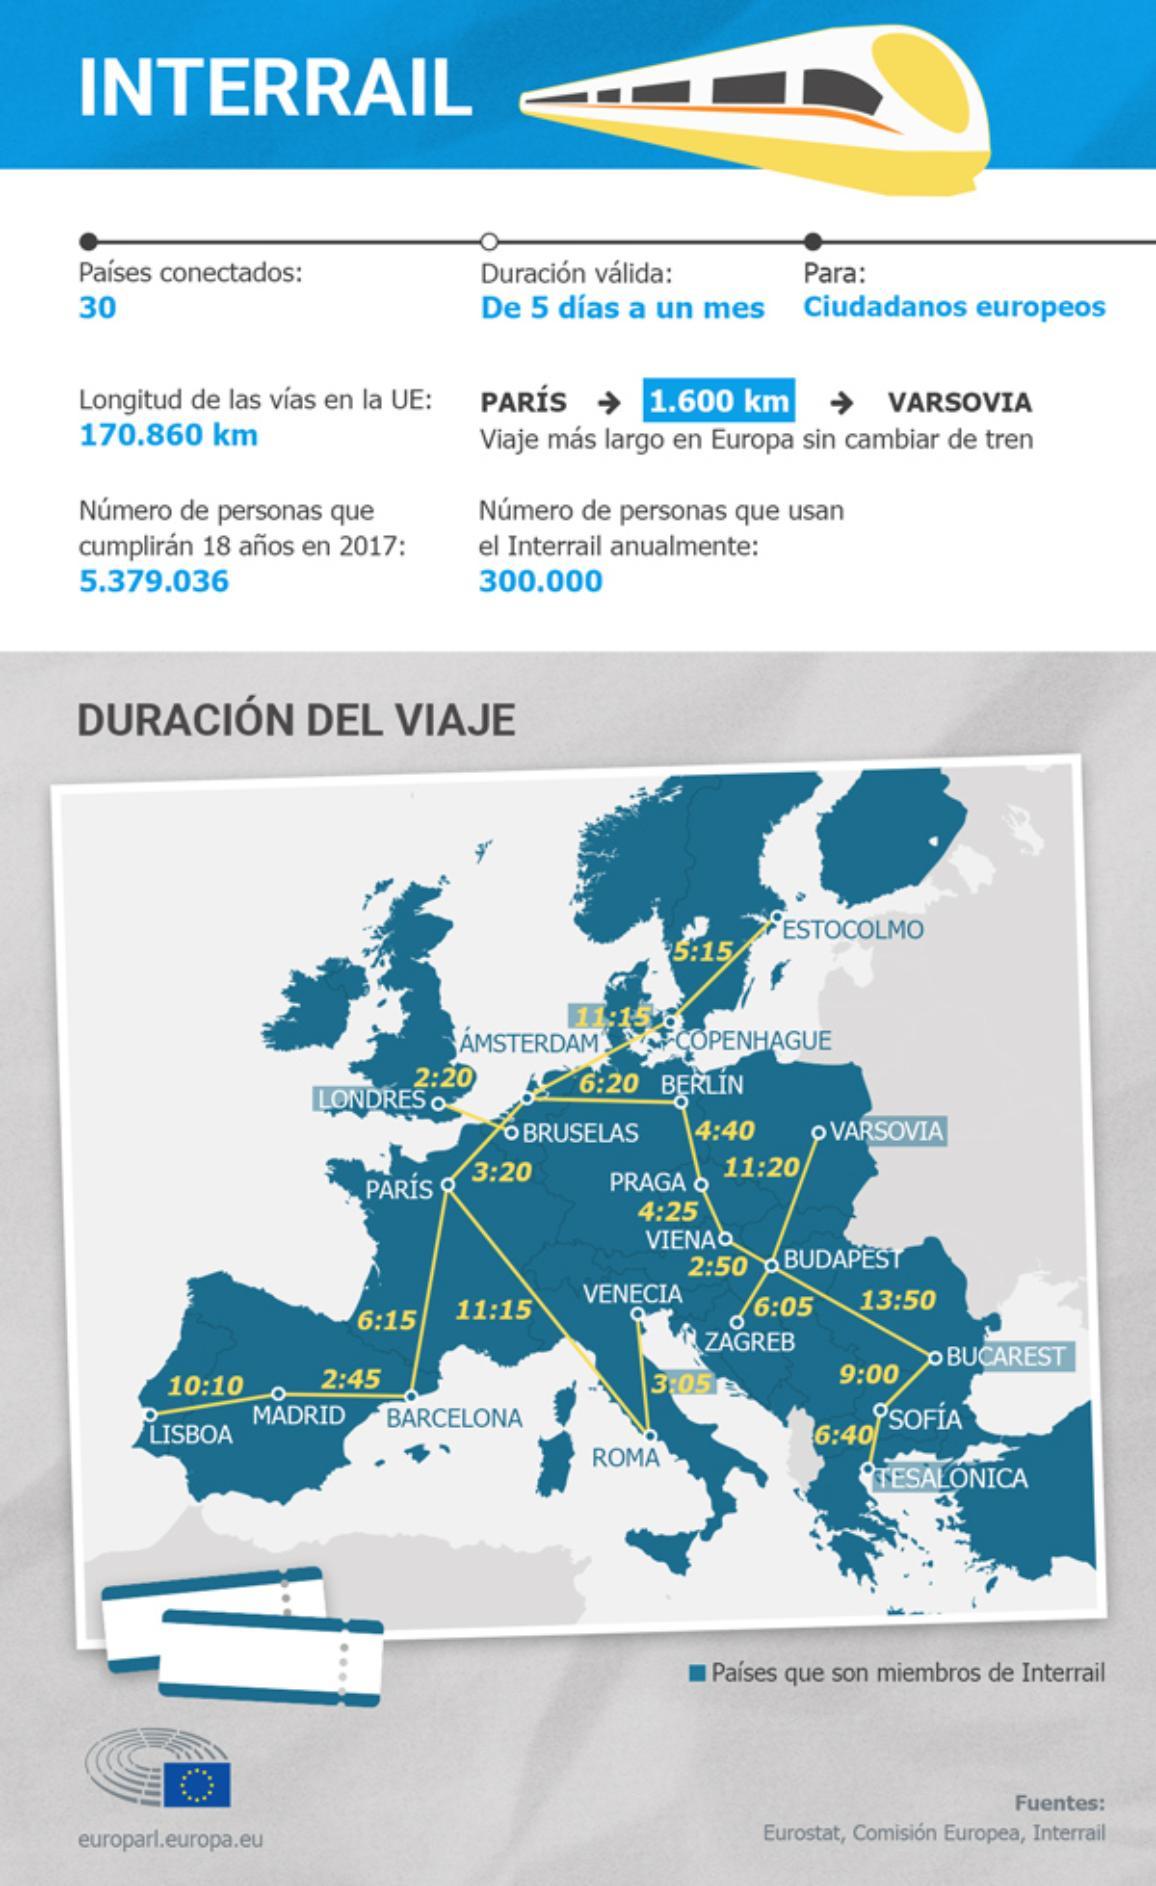 Interrail Datos Y Cifras Sobre Este Billete De Tren Europeo